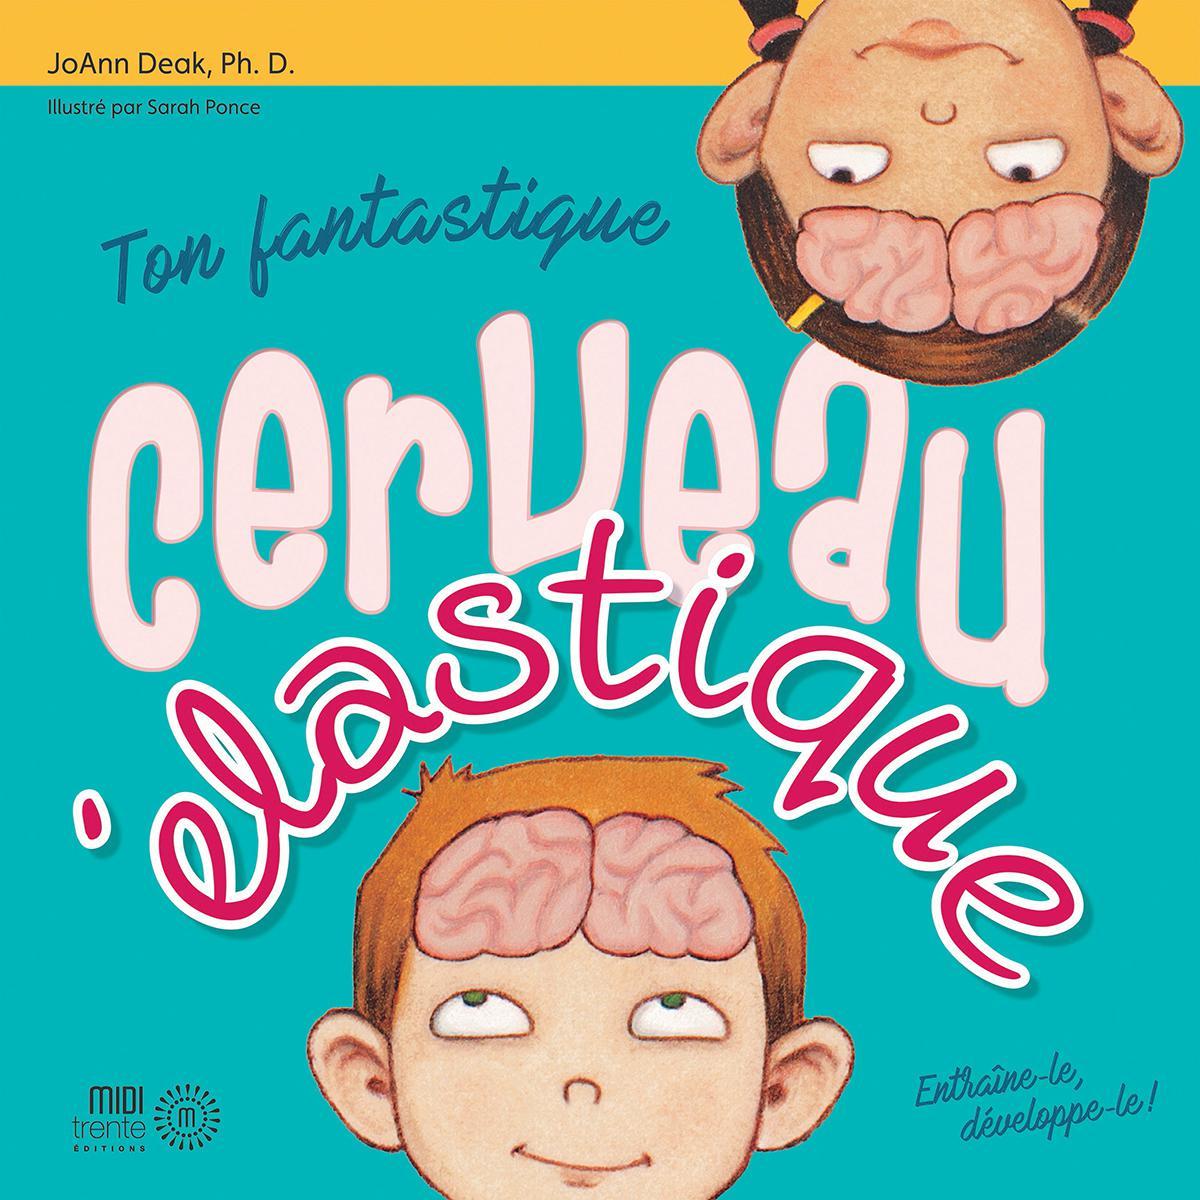 Ton fantastique cerveau élastique